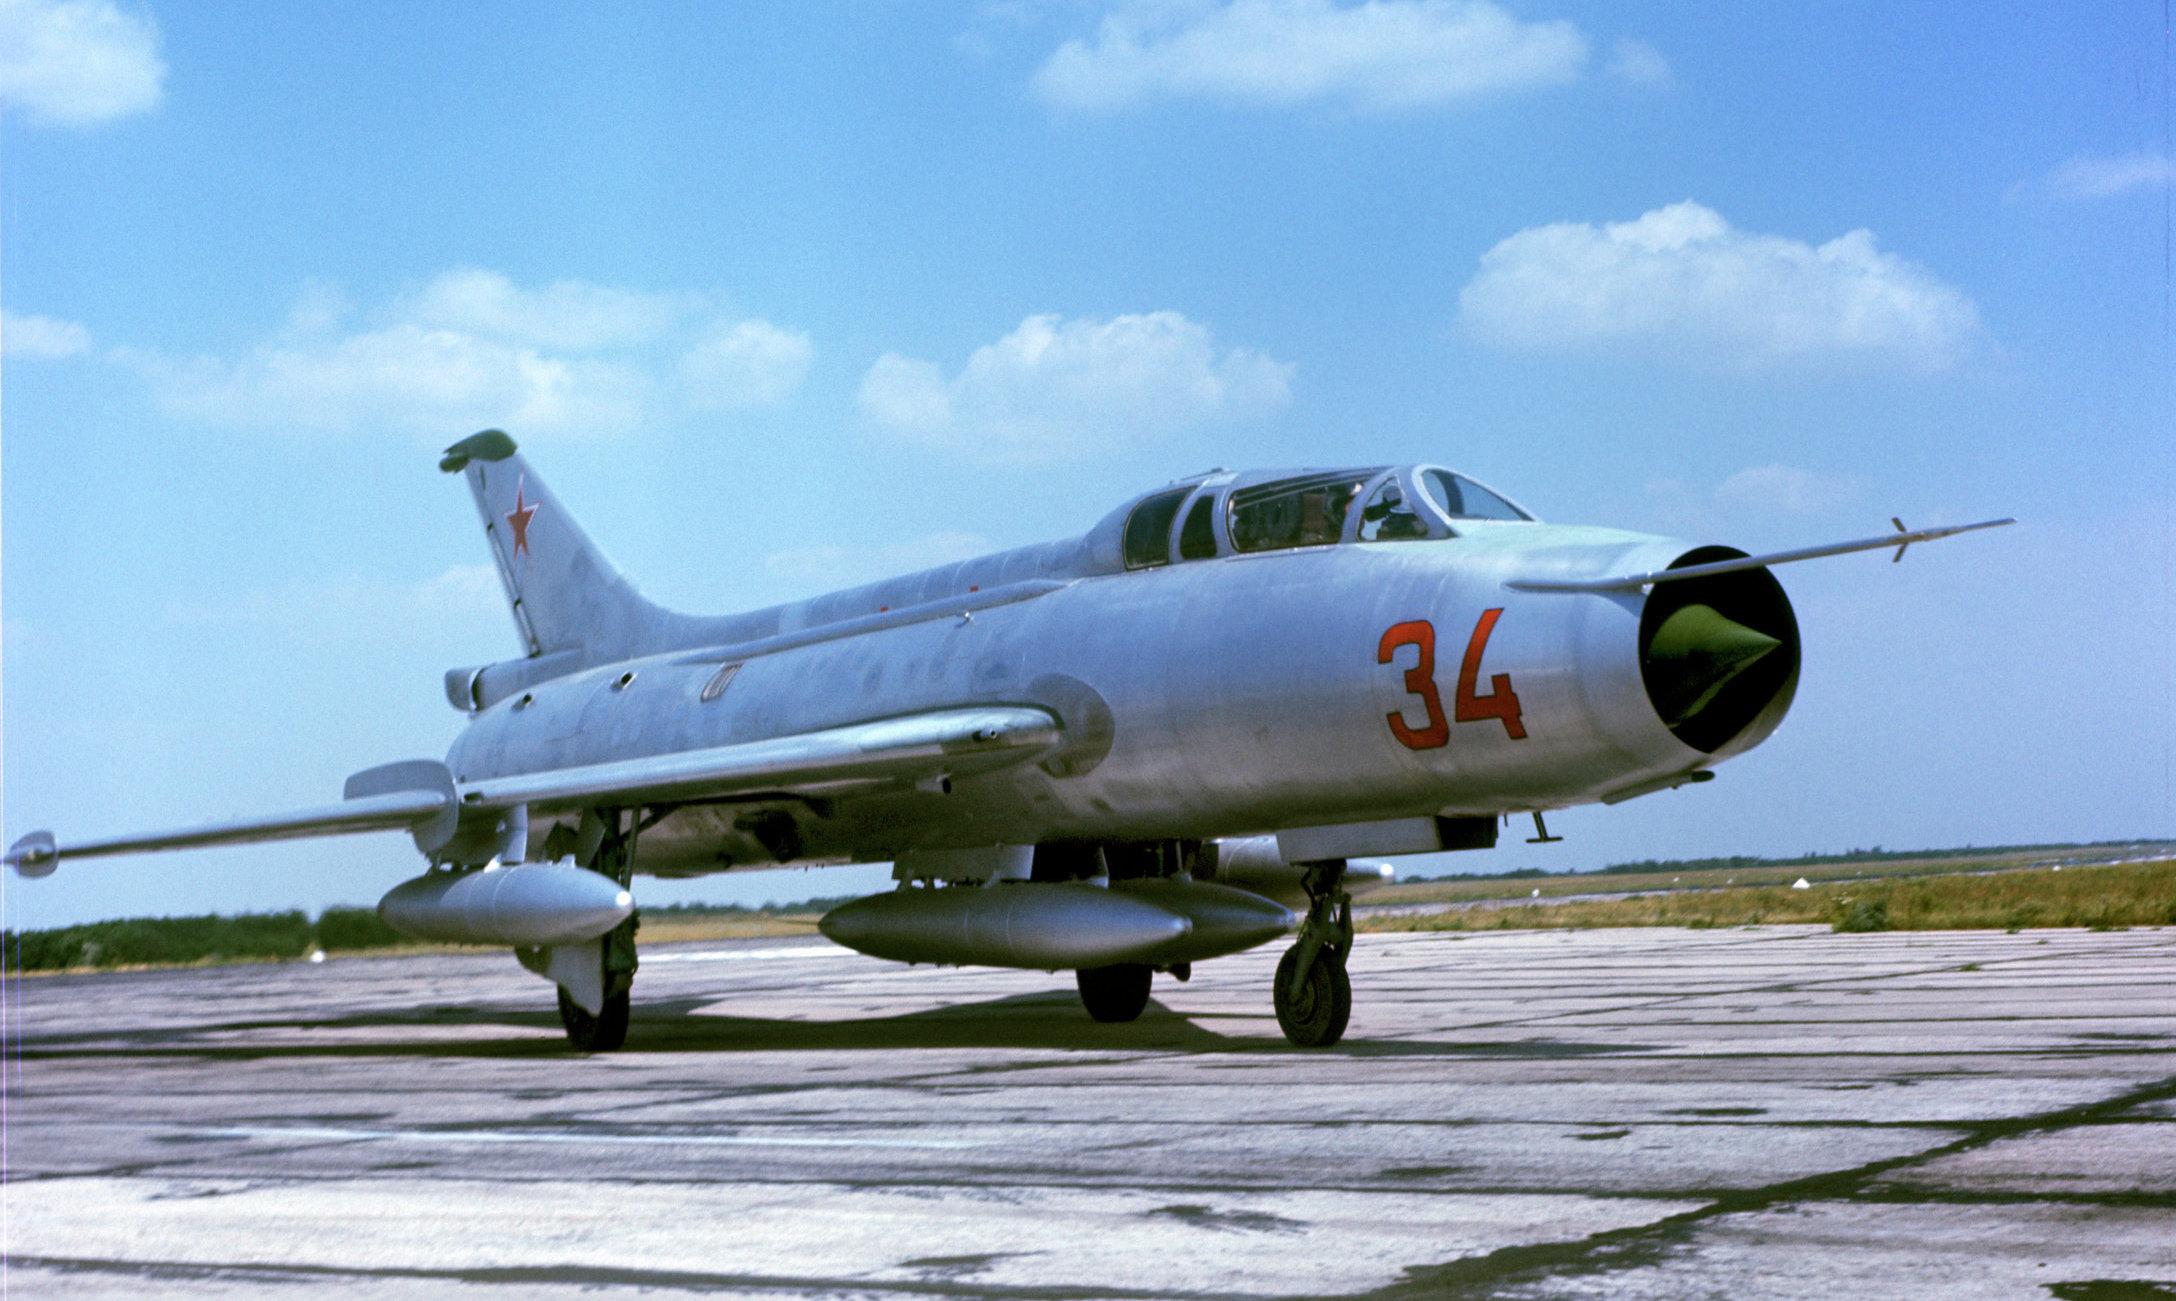 Un caza supersónico de fabricación soviética MiG-21